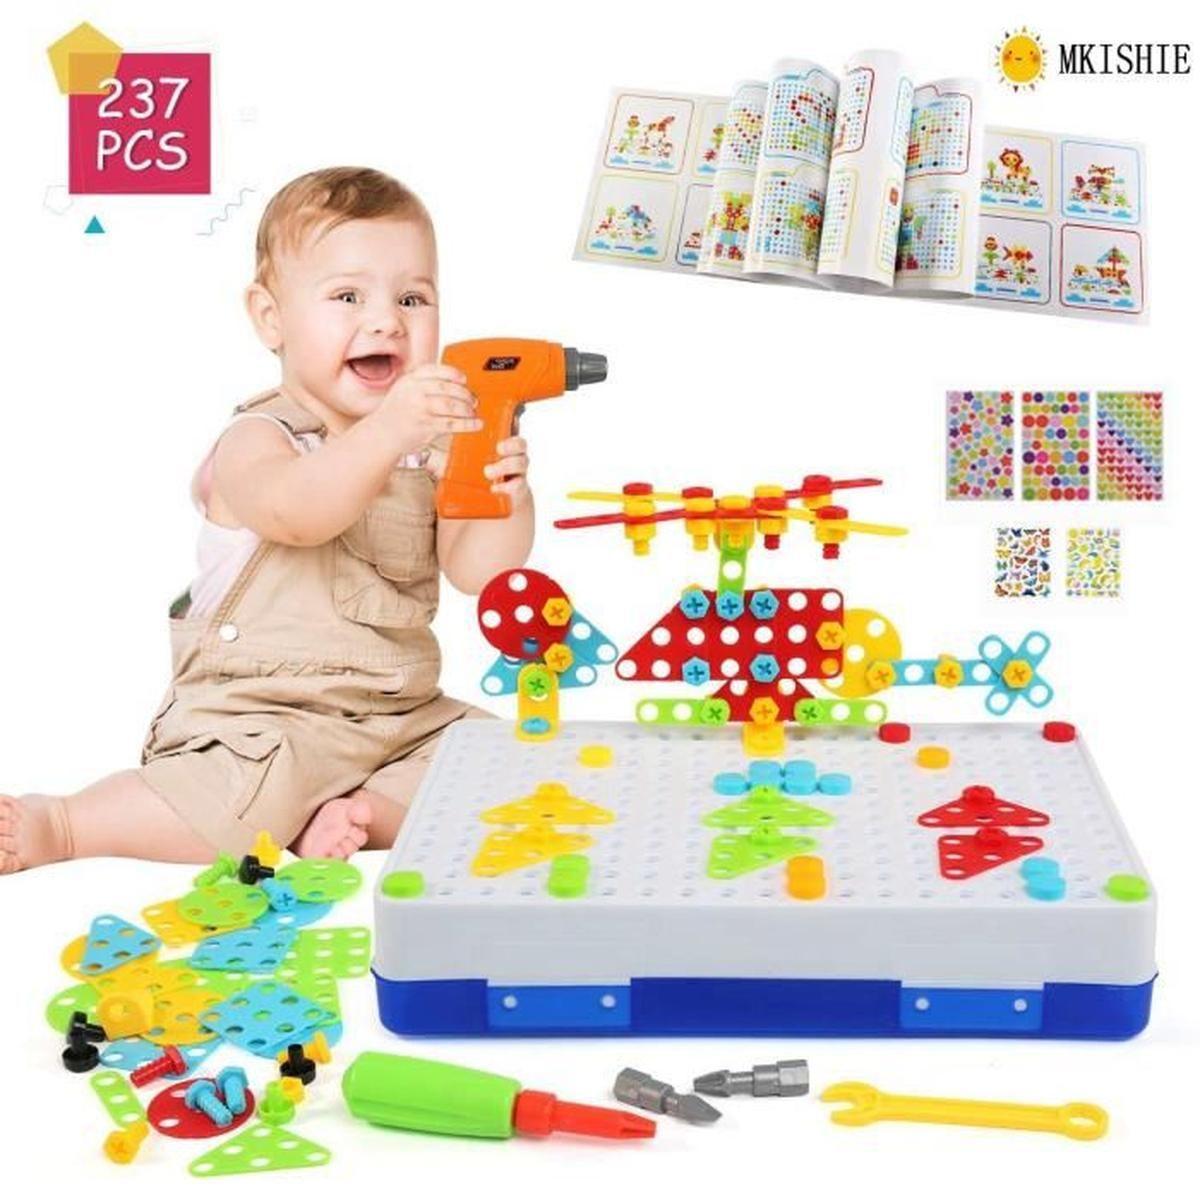 Jeu Mosaique Enfant, 3D Jeu De Construction, Perceuse intérieur Jeux Enfant Educatif